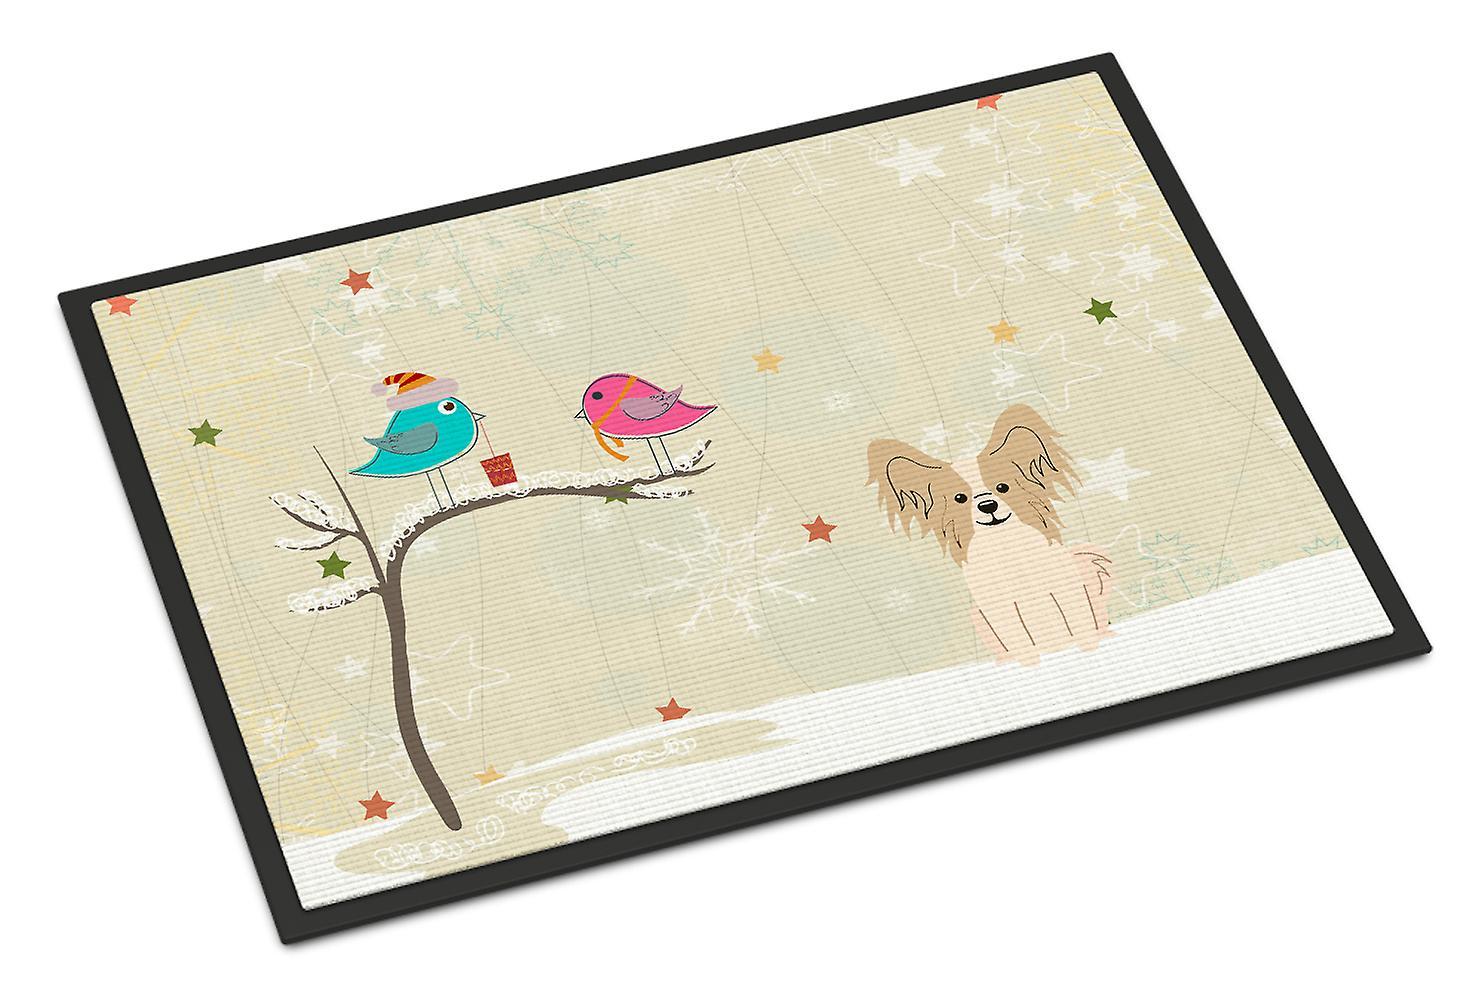 Weihnachtsgeschenke von Freunden Papillon Sable weiss Indoor oder ...